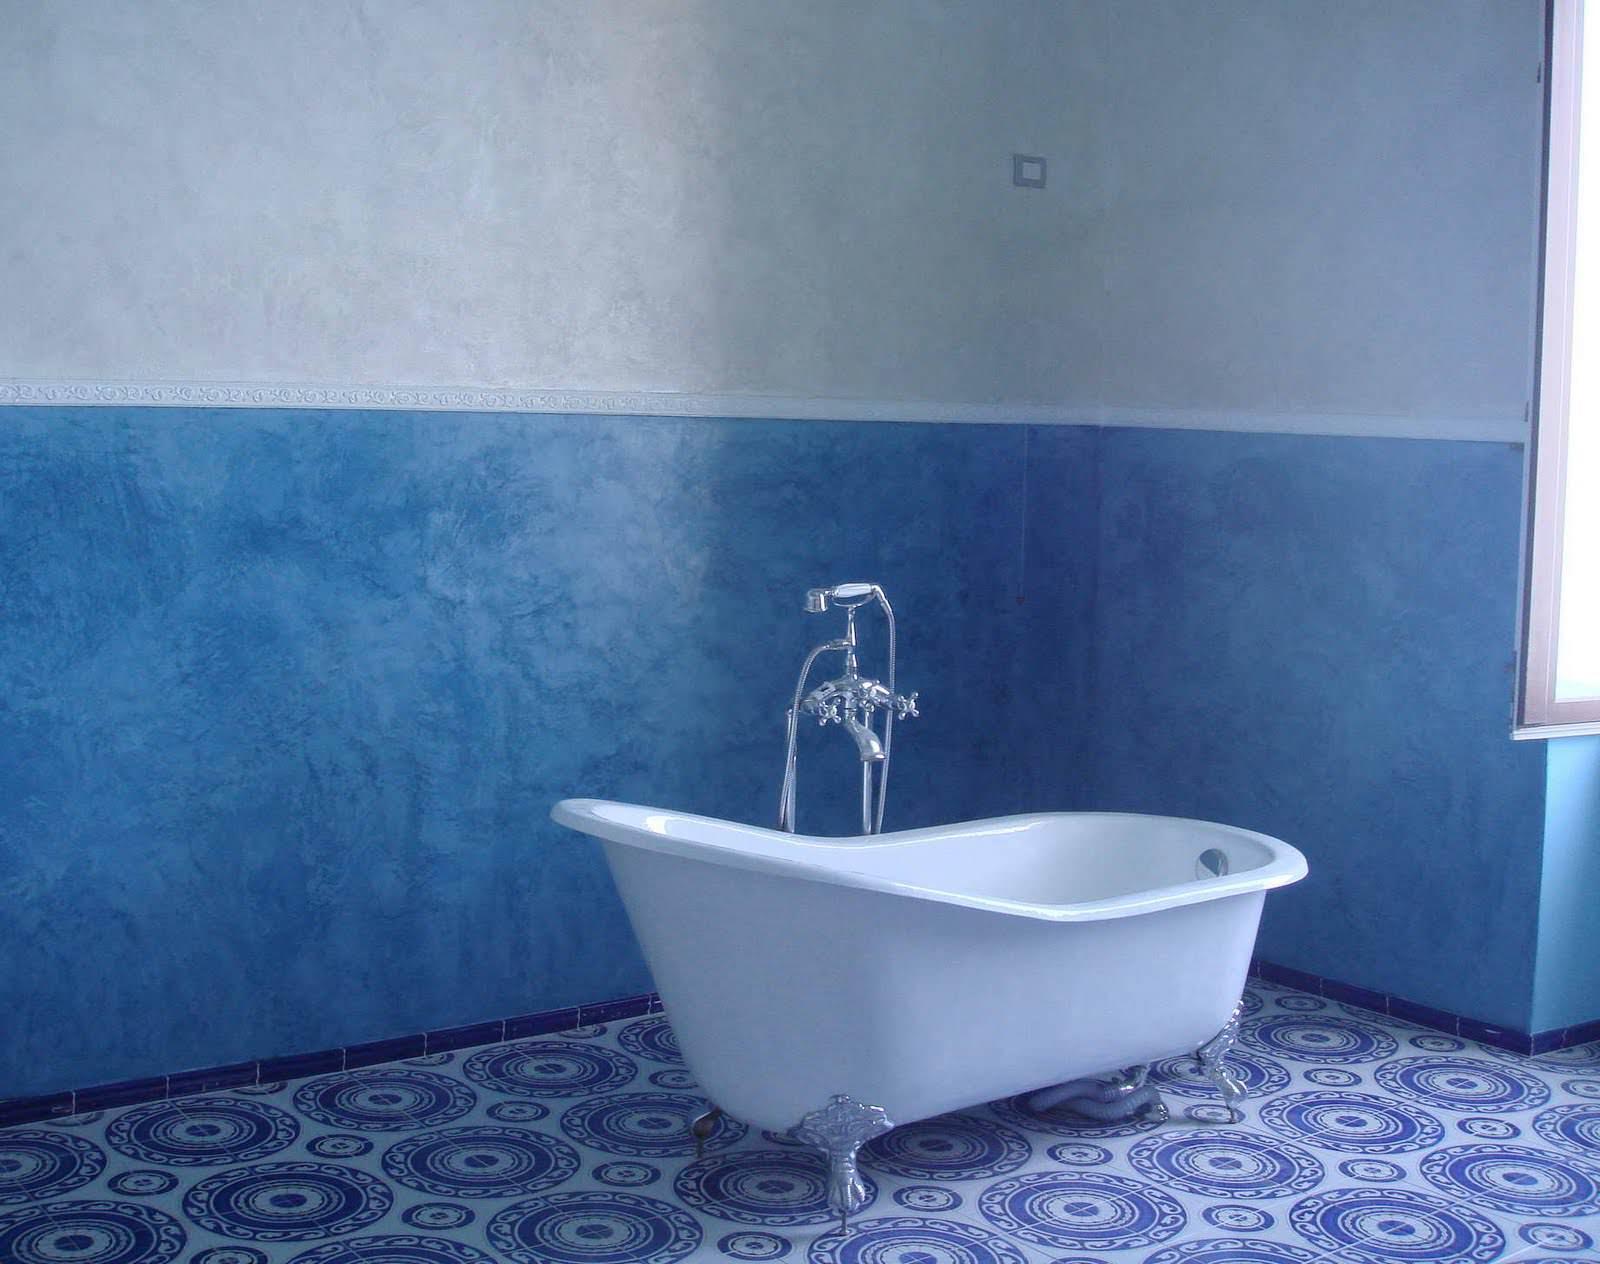 Сине-белые, крашеные фактурной краской, стены в ванной